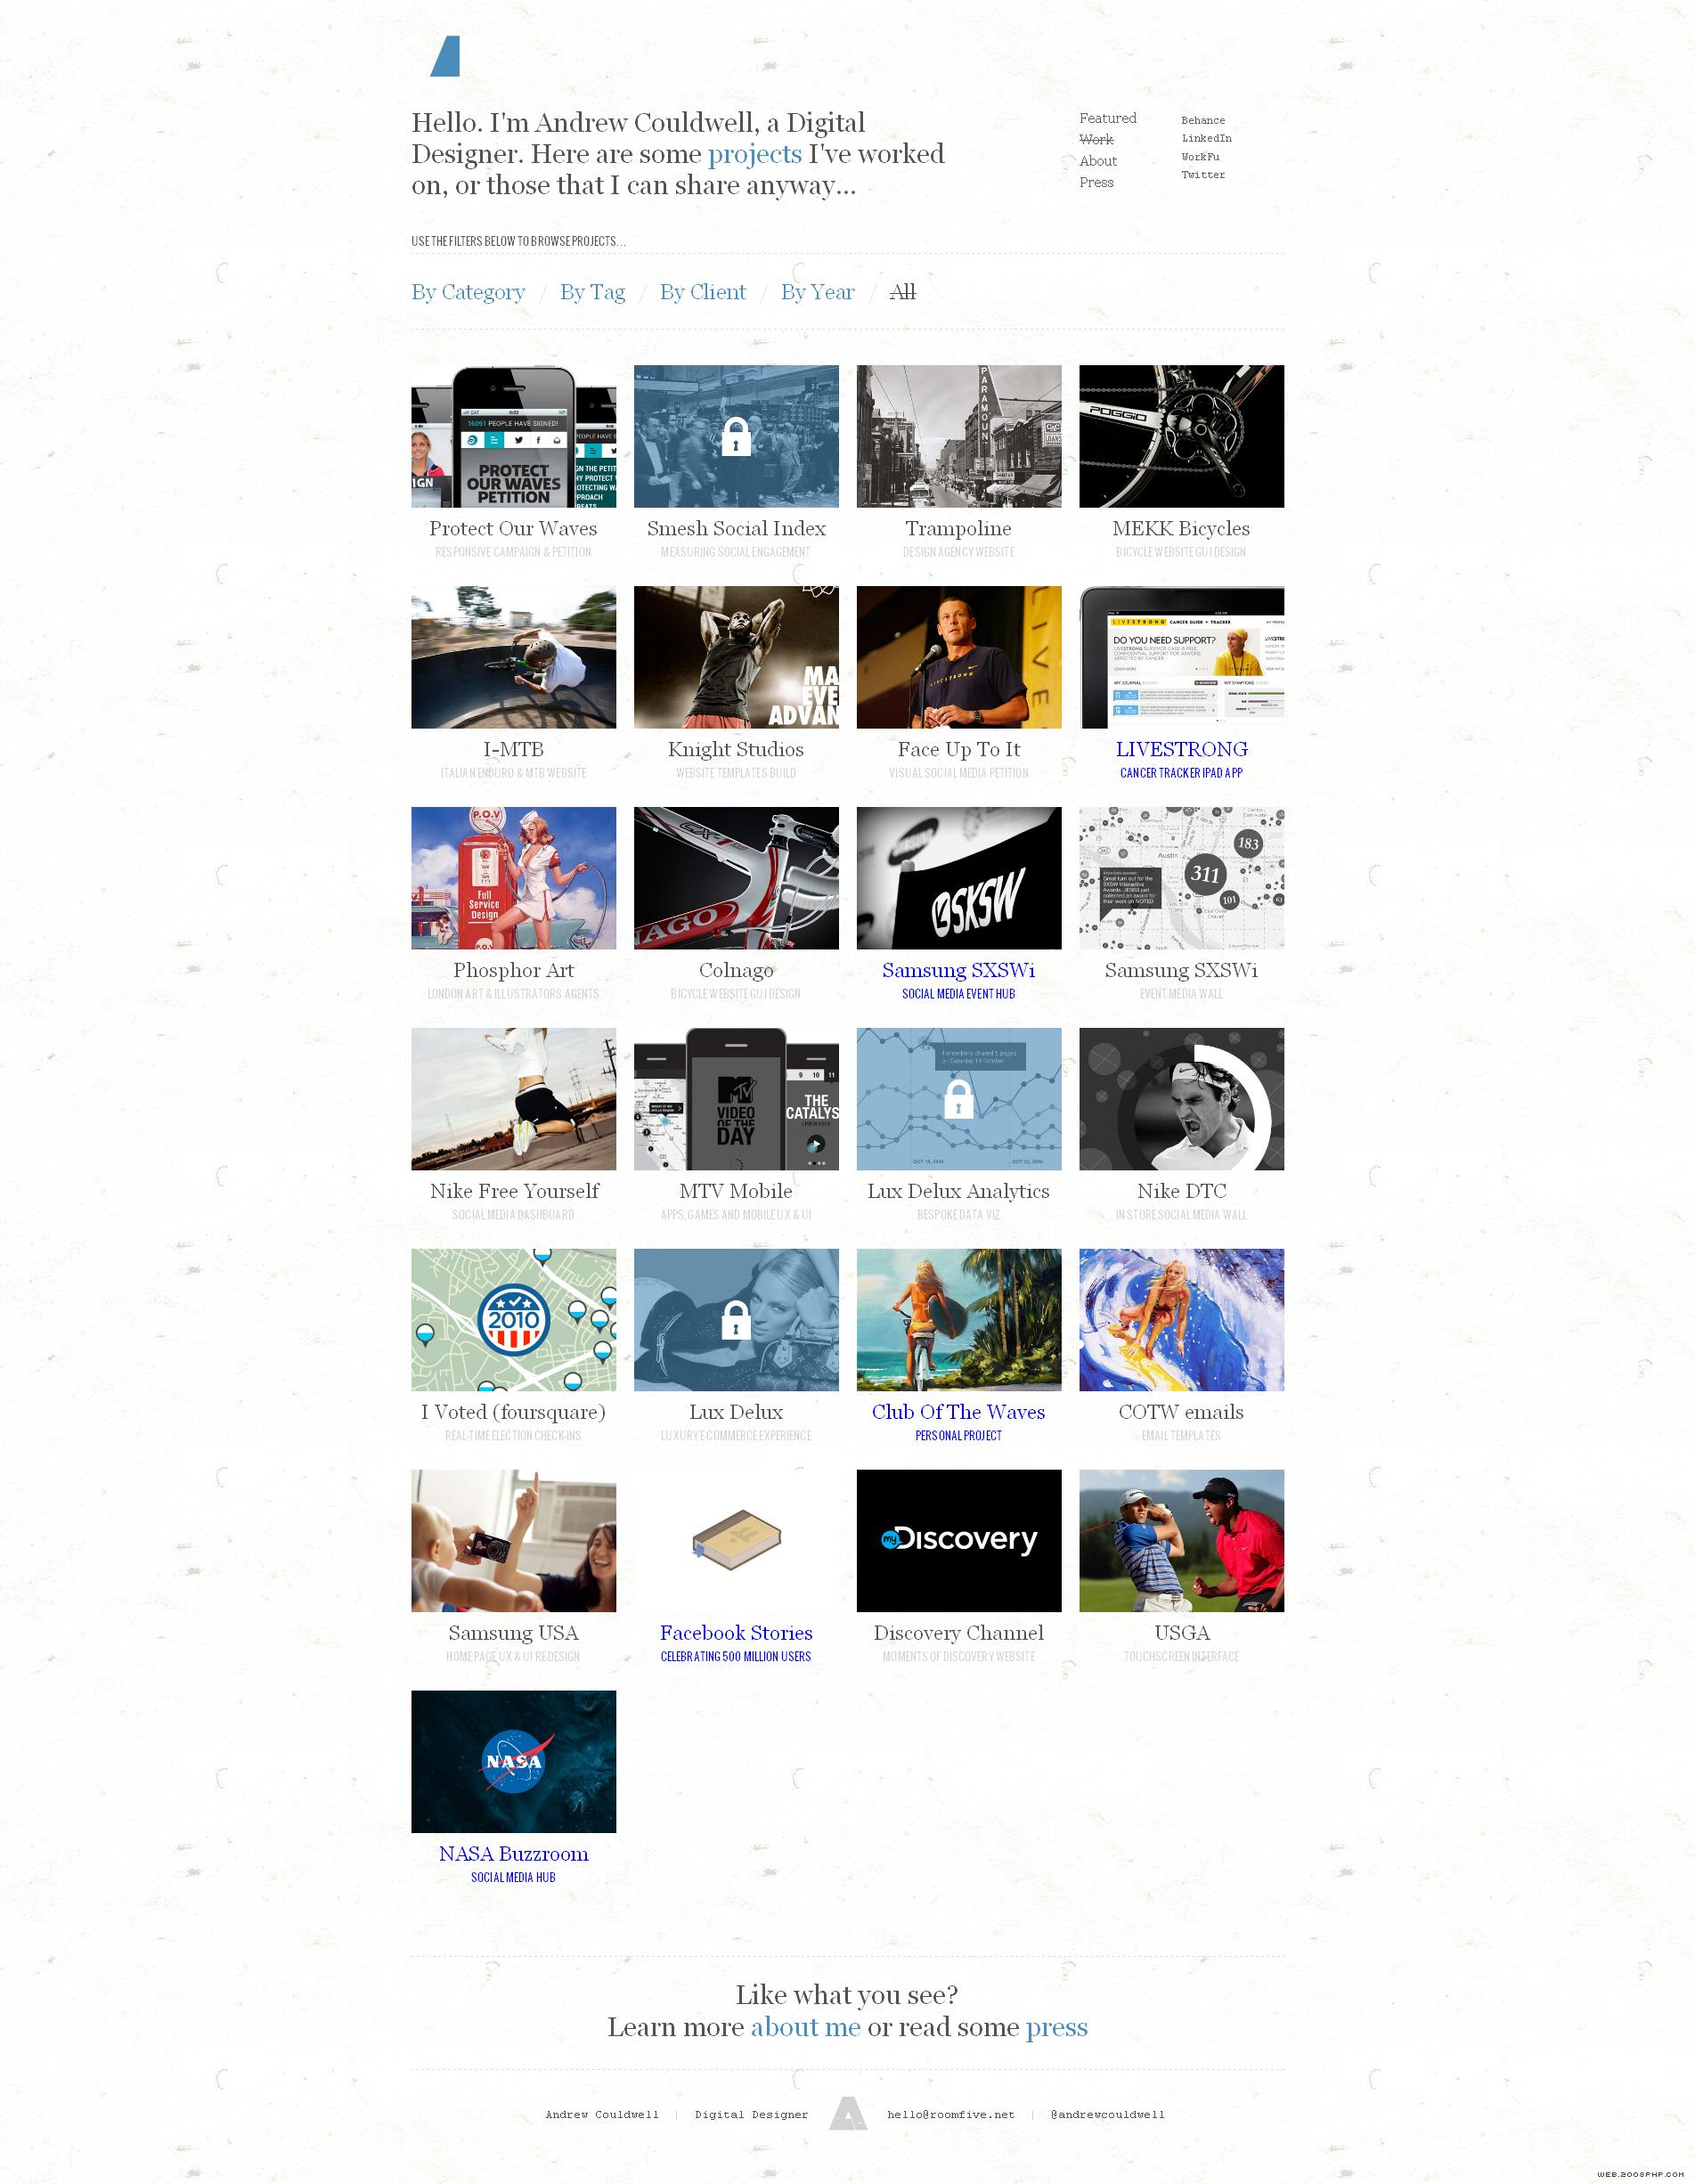 3 张 InSite是一个数字的机构提供技术平台,包括网络,移动和数字标牌的设计和开发服务。我们的优势在于用户体验,视觉设计和用户界面设计,定制应用开发,和实施的网络工具和产品。我们可以无缝集成到现有的广告系列,以及提供品牌,标志设计,和打印的营销举措,以确保你的品牌是否得到有效执行所有通信平台。虽然我们有一个后端定制开发能力。NET的ColdFusion,Java中,和其他语言的广泛,我们也有实施和定制许多企业CMS,LMS和电子商务系统。总之,我们发现利用最新的数字和网络技术的创新方式,促进您的业务目